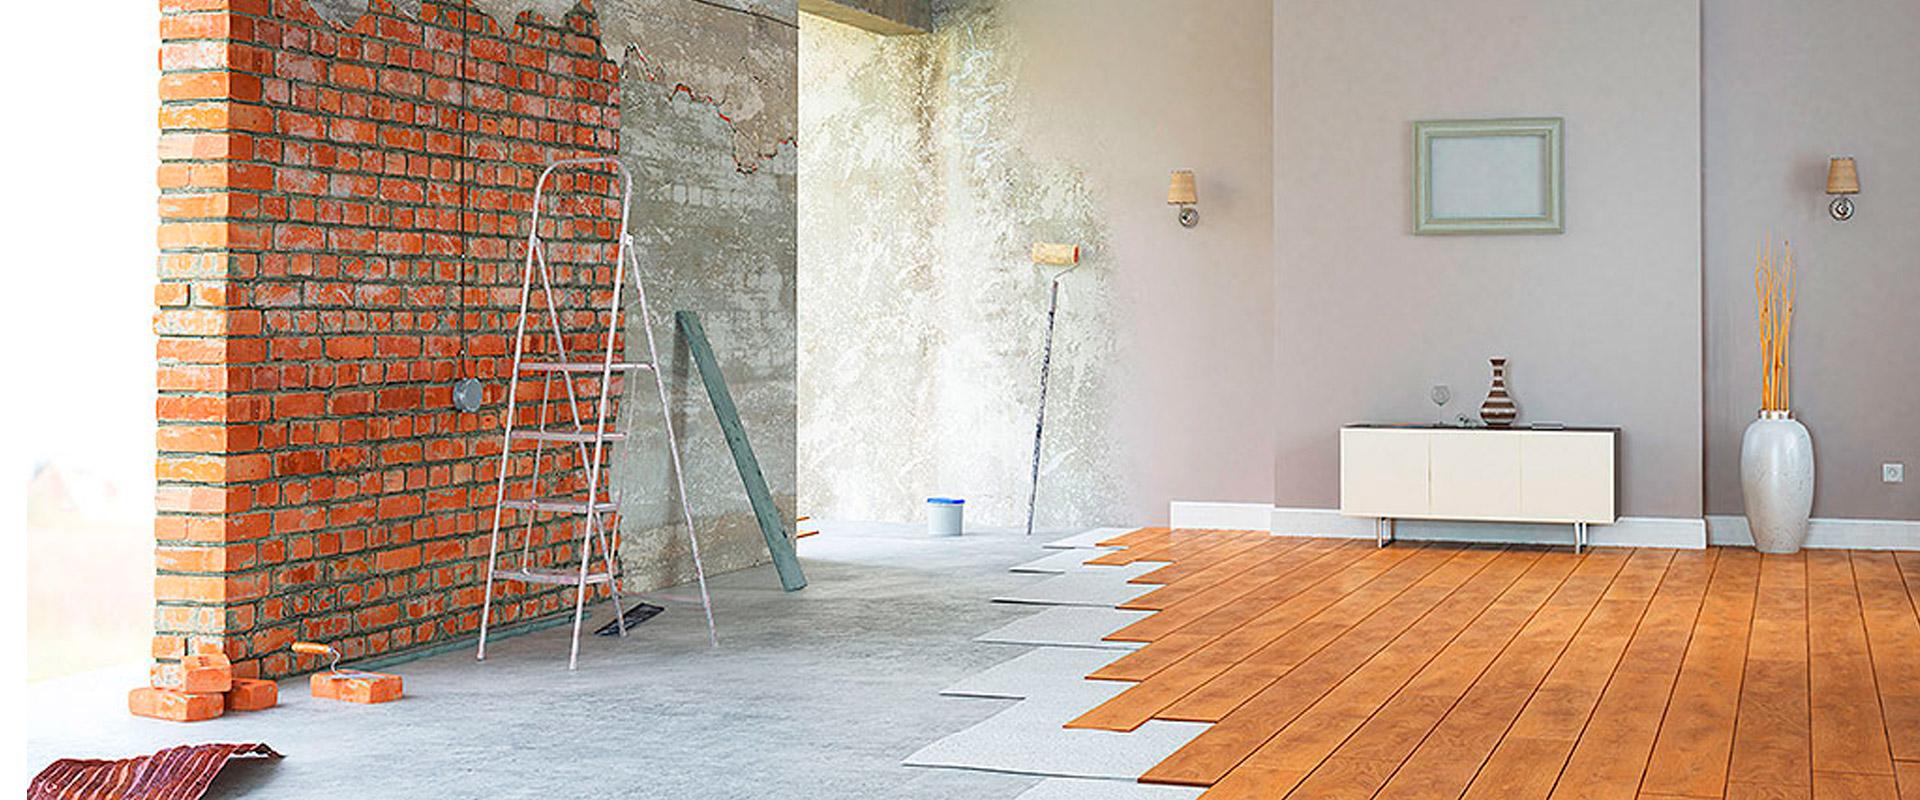 Revestimento de paredes exteriores: conforto em qualquer estação